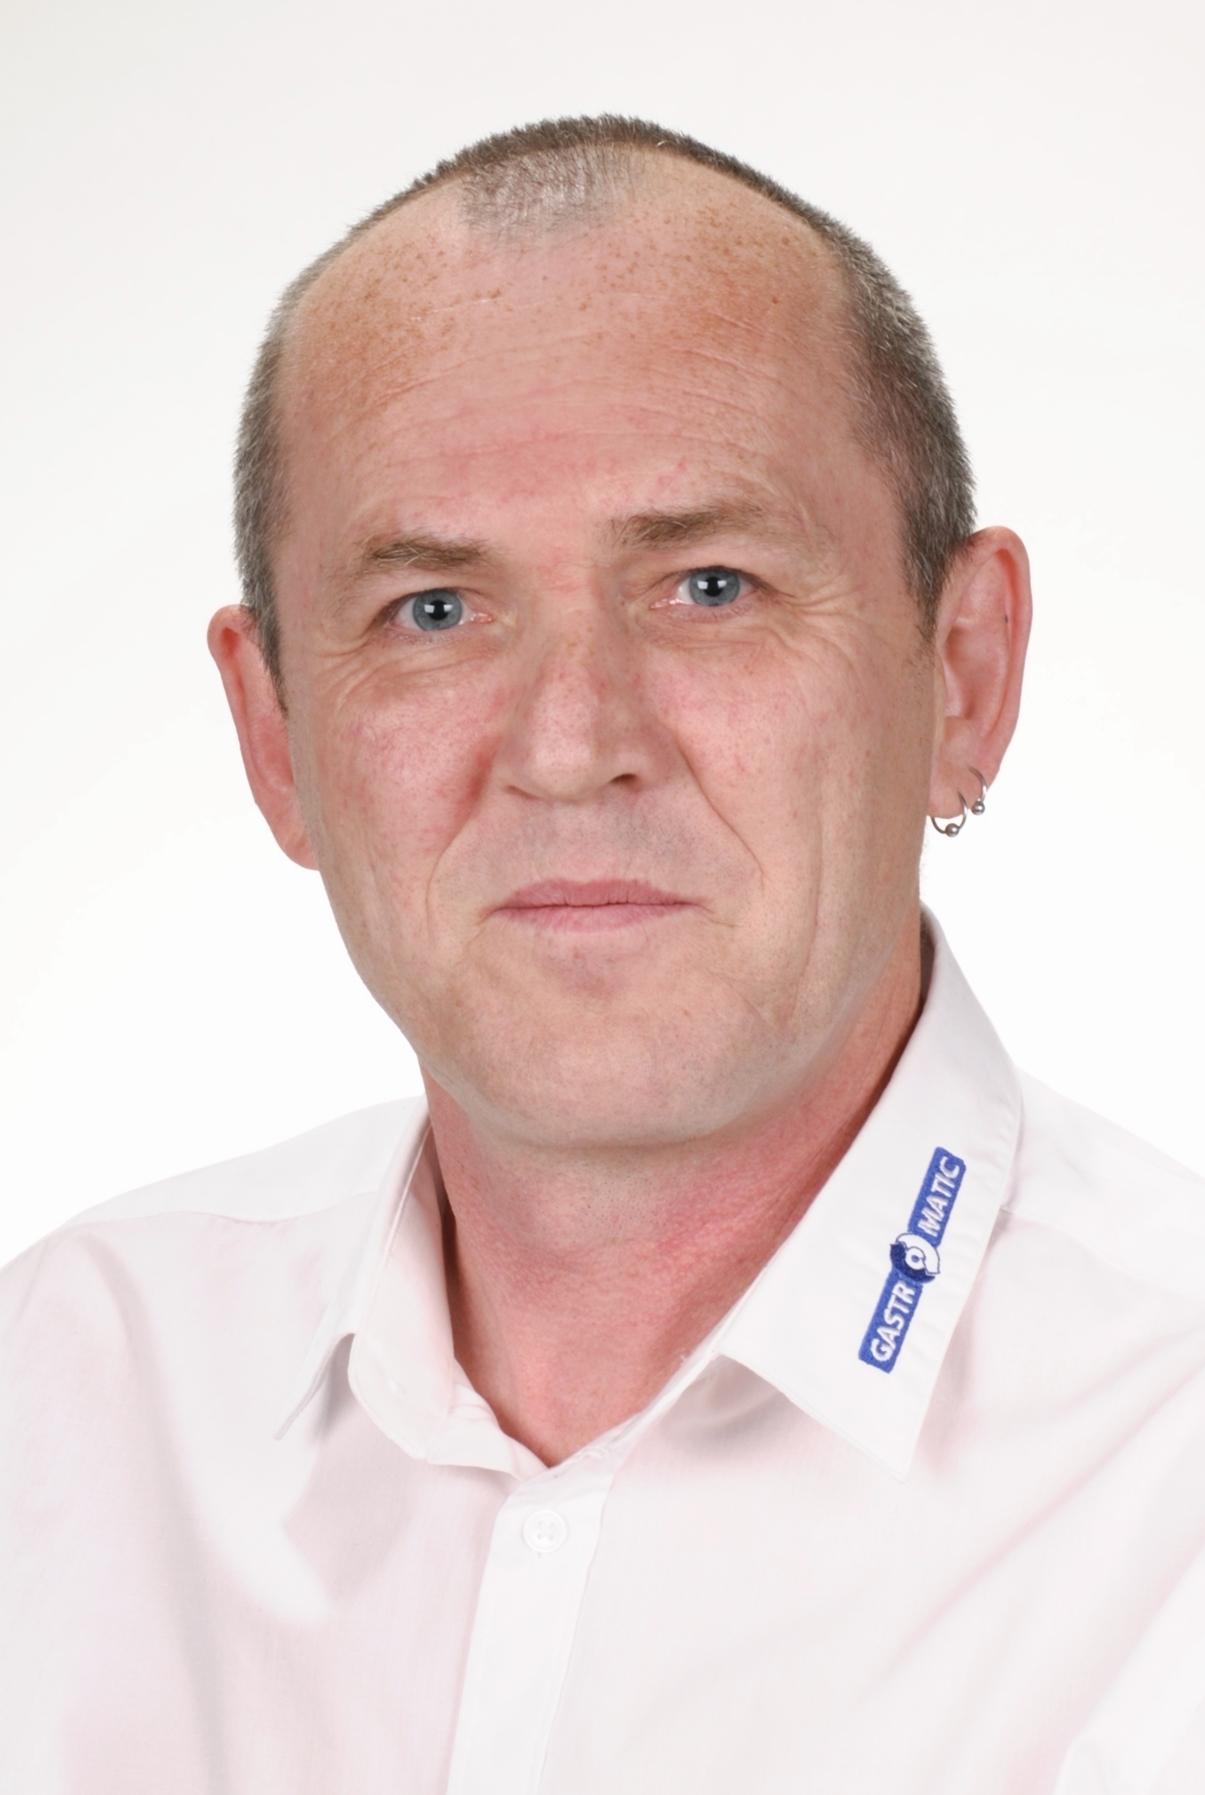 Wojciech Rogiewicz